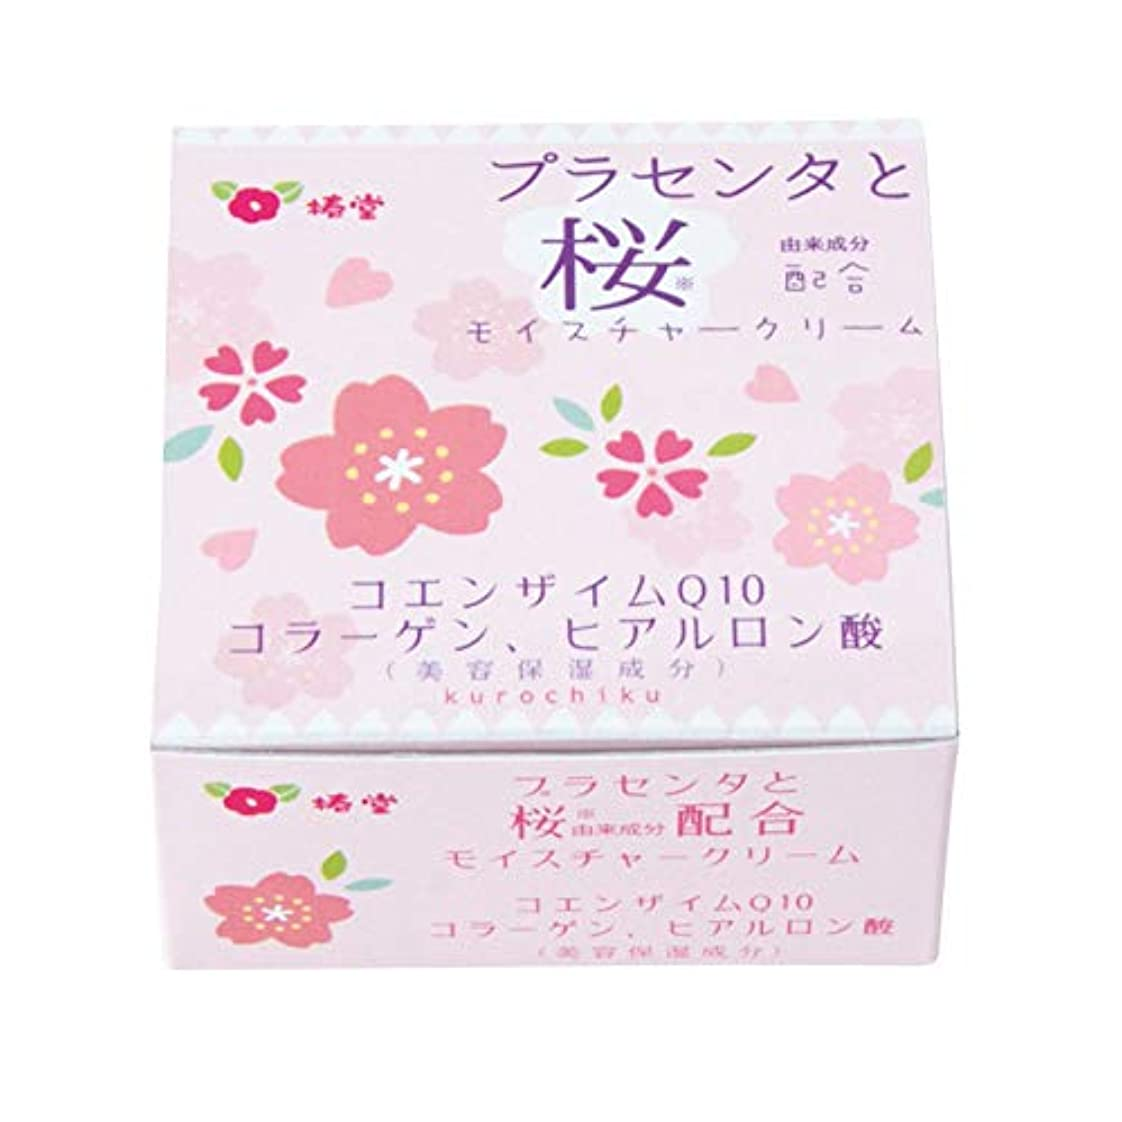 椿堂 桜モイスチャークリーム (プラセンタと桜) 京都くろちく